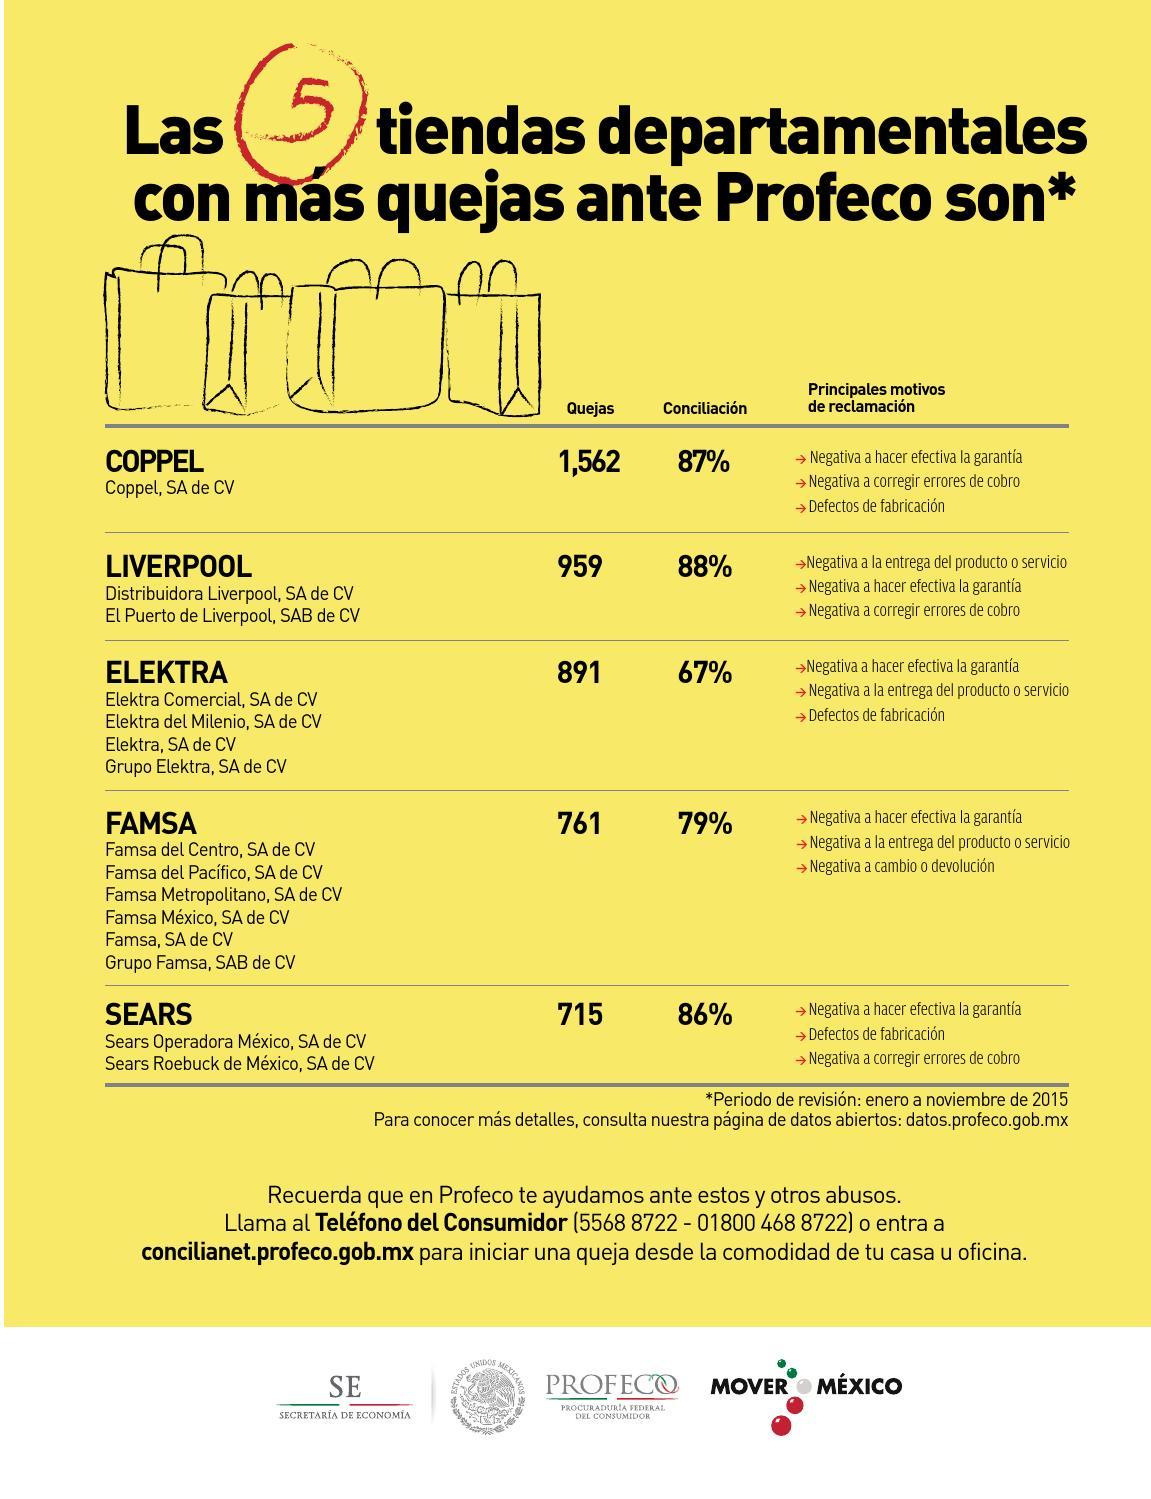 forro2 rc468 anuncios 5 tiendas febrero 2016 by profeco